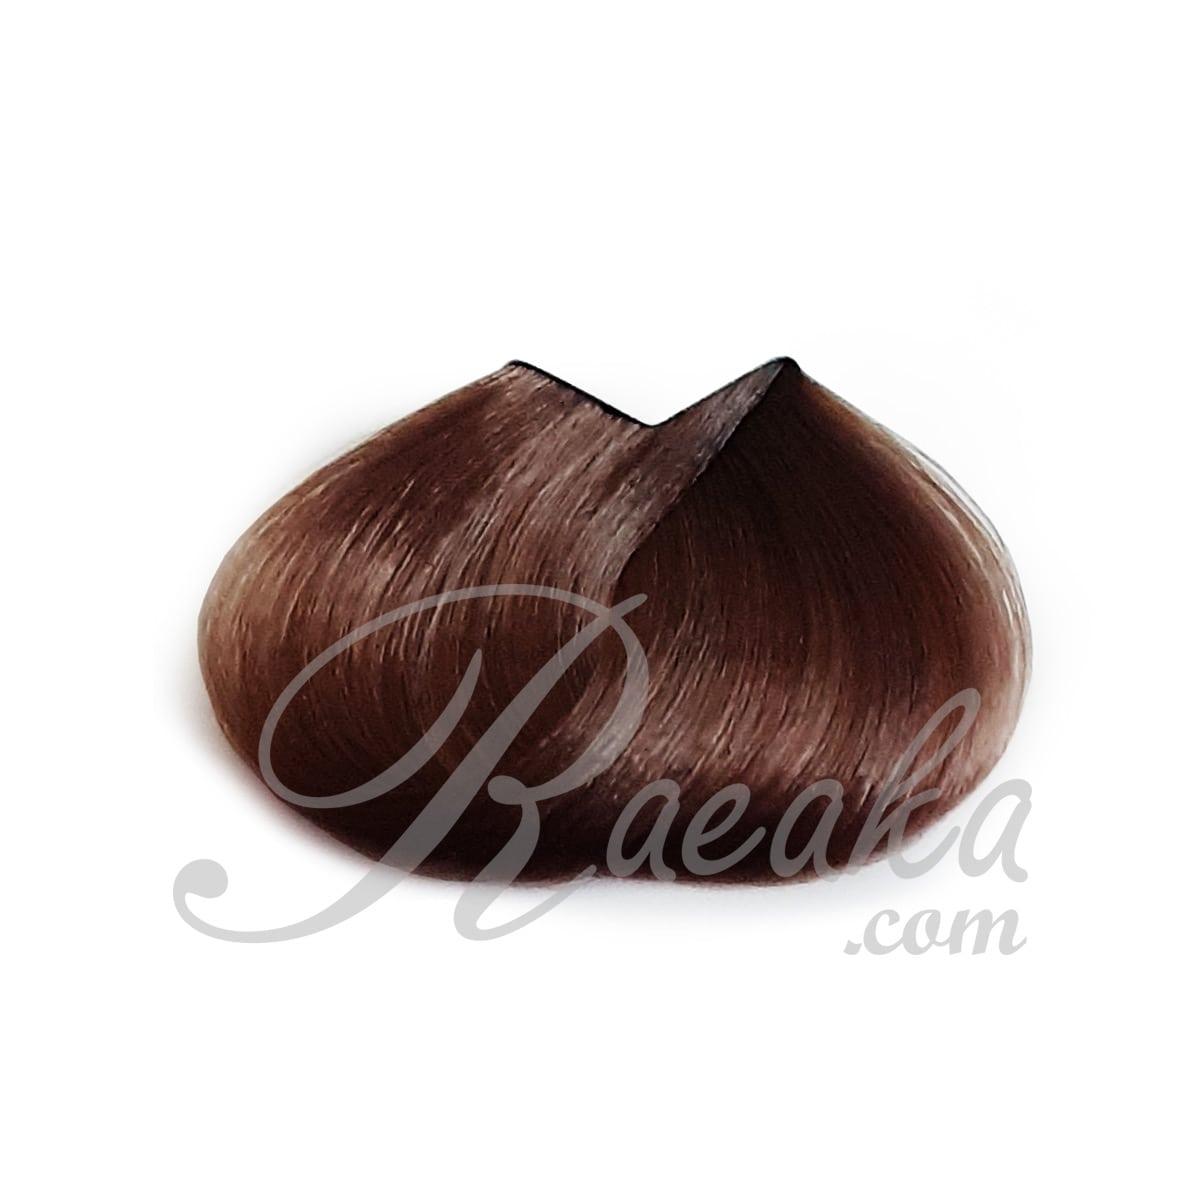 کیت رنگ موی زی فام شماره ۵ (قهوه ای روشن طبیعی) با محافظت سه گانه